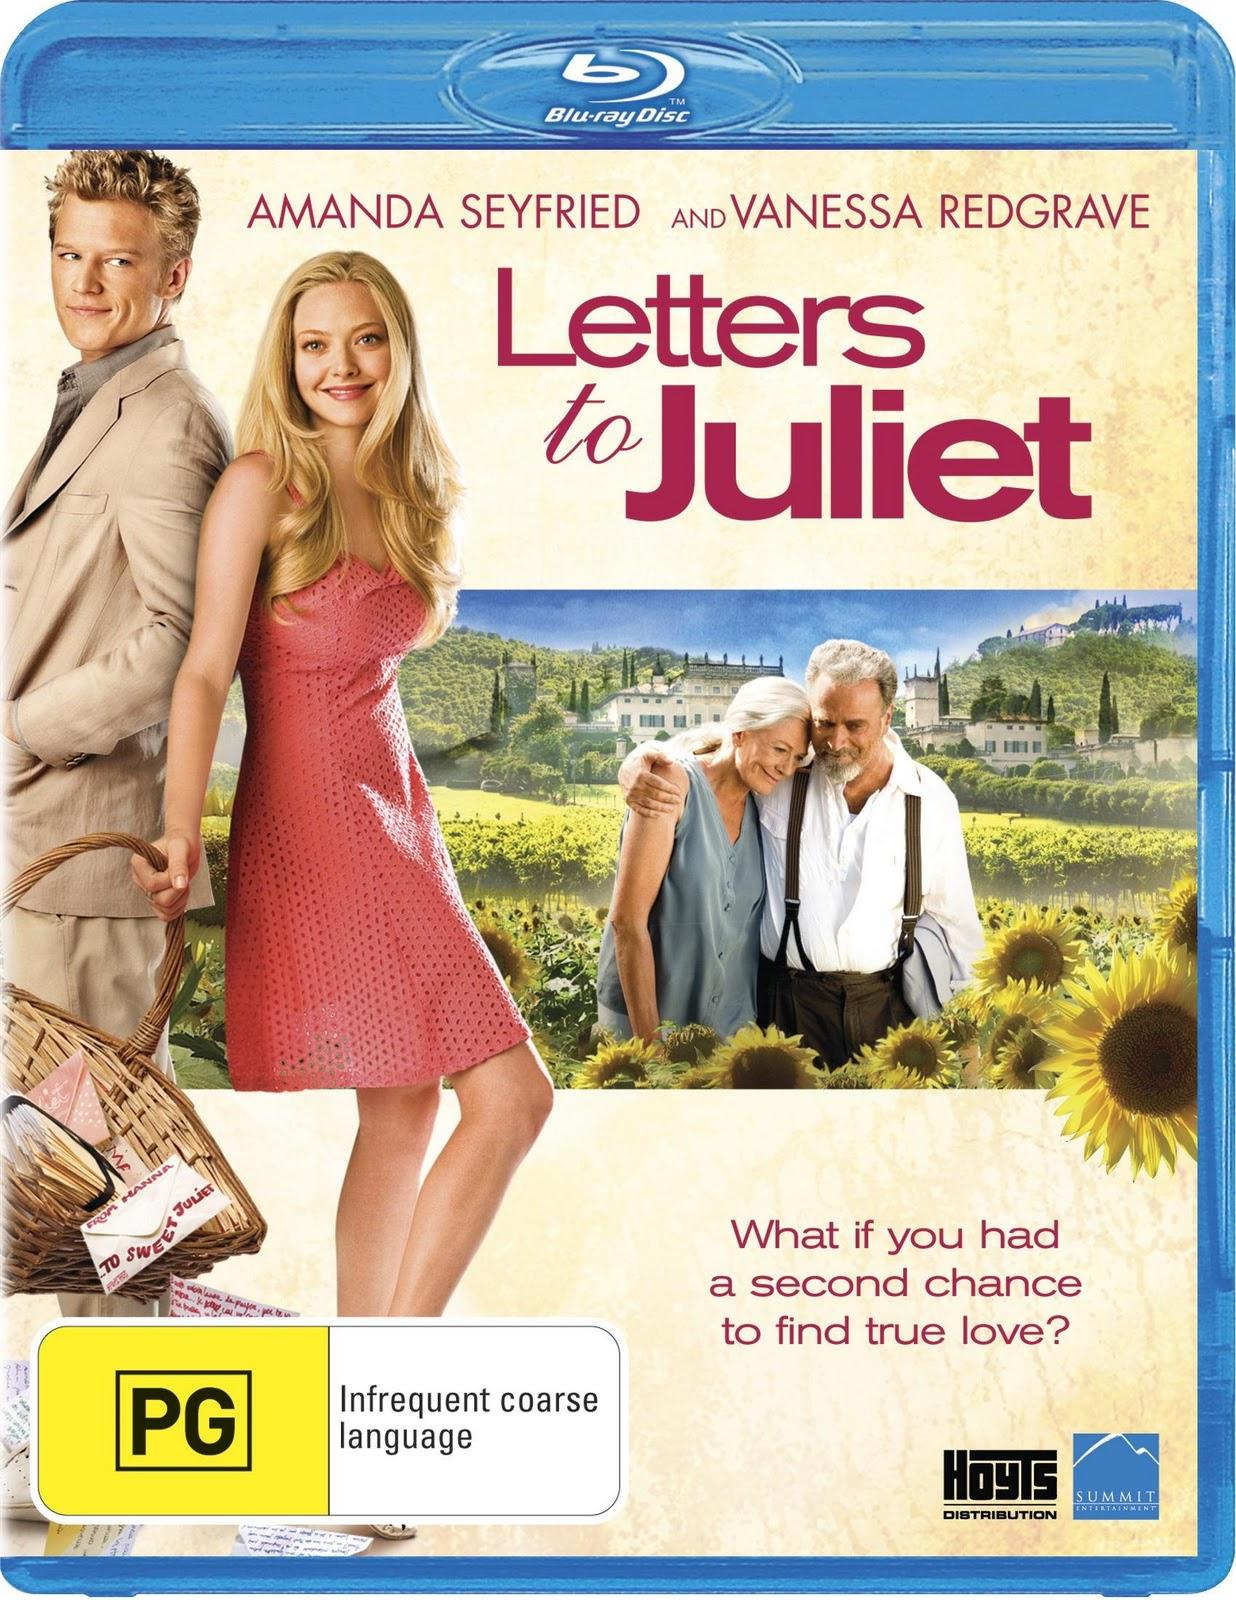 http://2.bp.blogspot.com/_j7CBBTUIT5g/TJK6Nz2N3DI/AAAAAAAABbc/townAguHZcc/s1600/Letters+to+juliet+BR.jpg